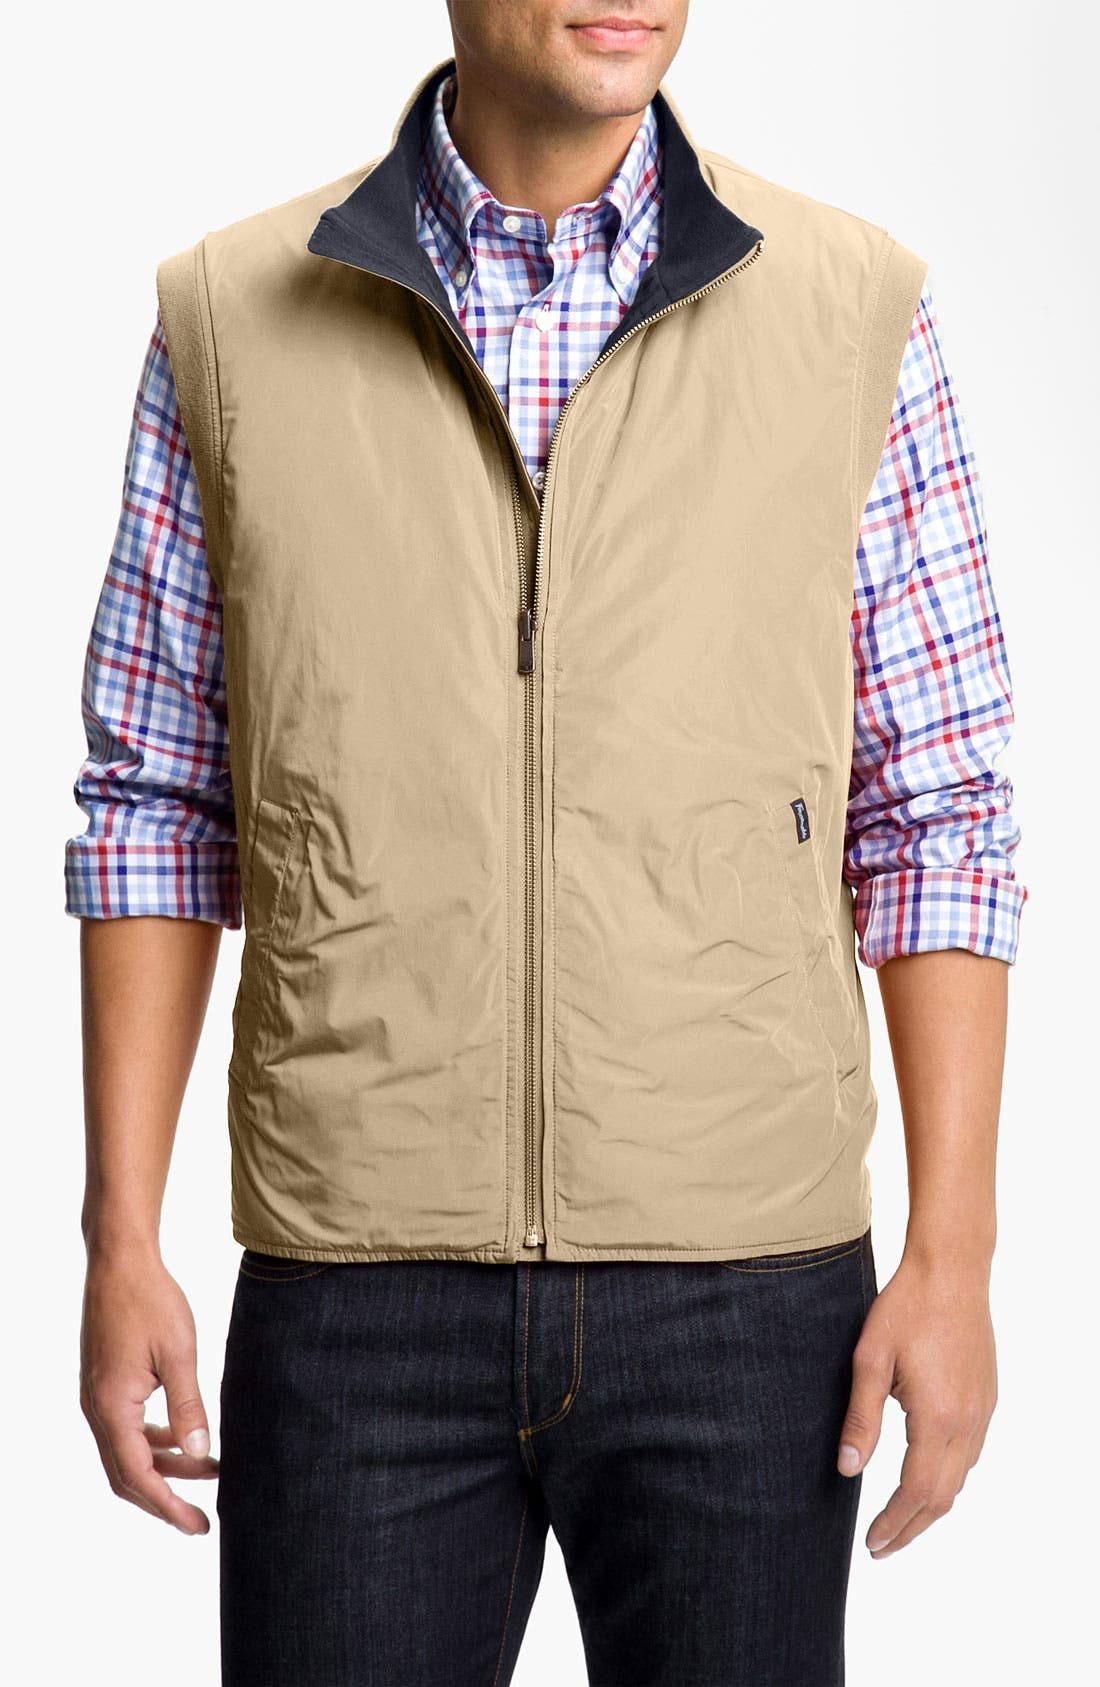 Alternate Image 1 Selected - Façonnable Classique Fit Reversible Zip Vest